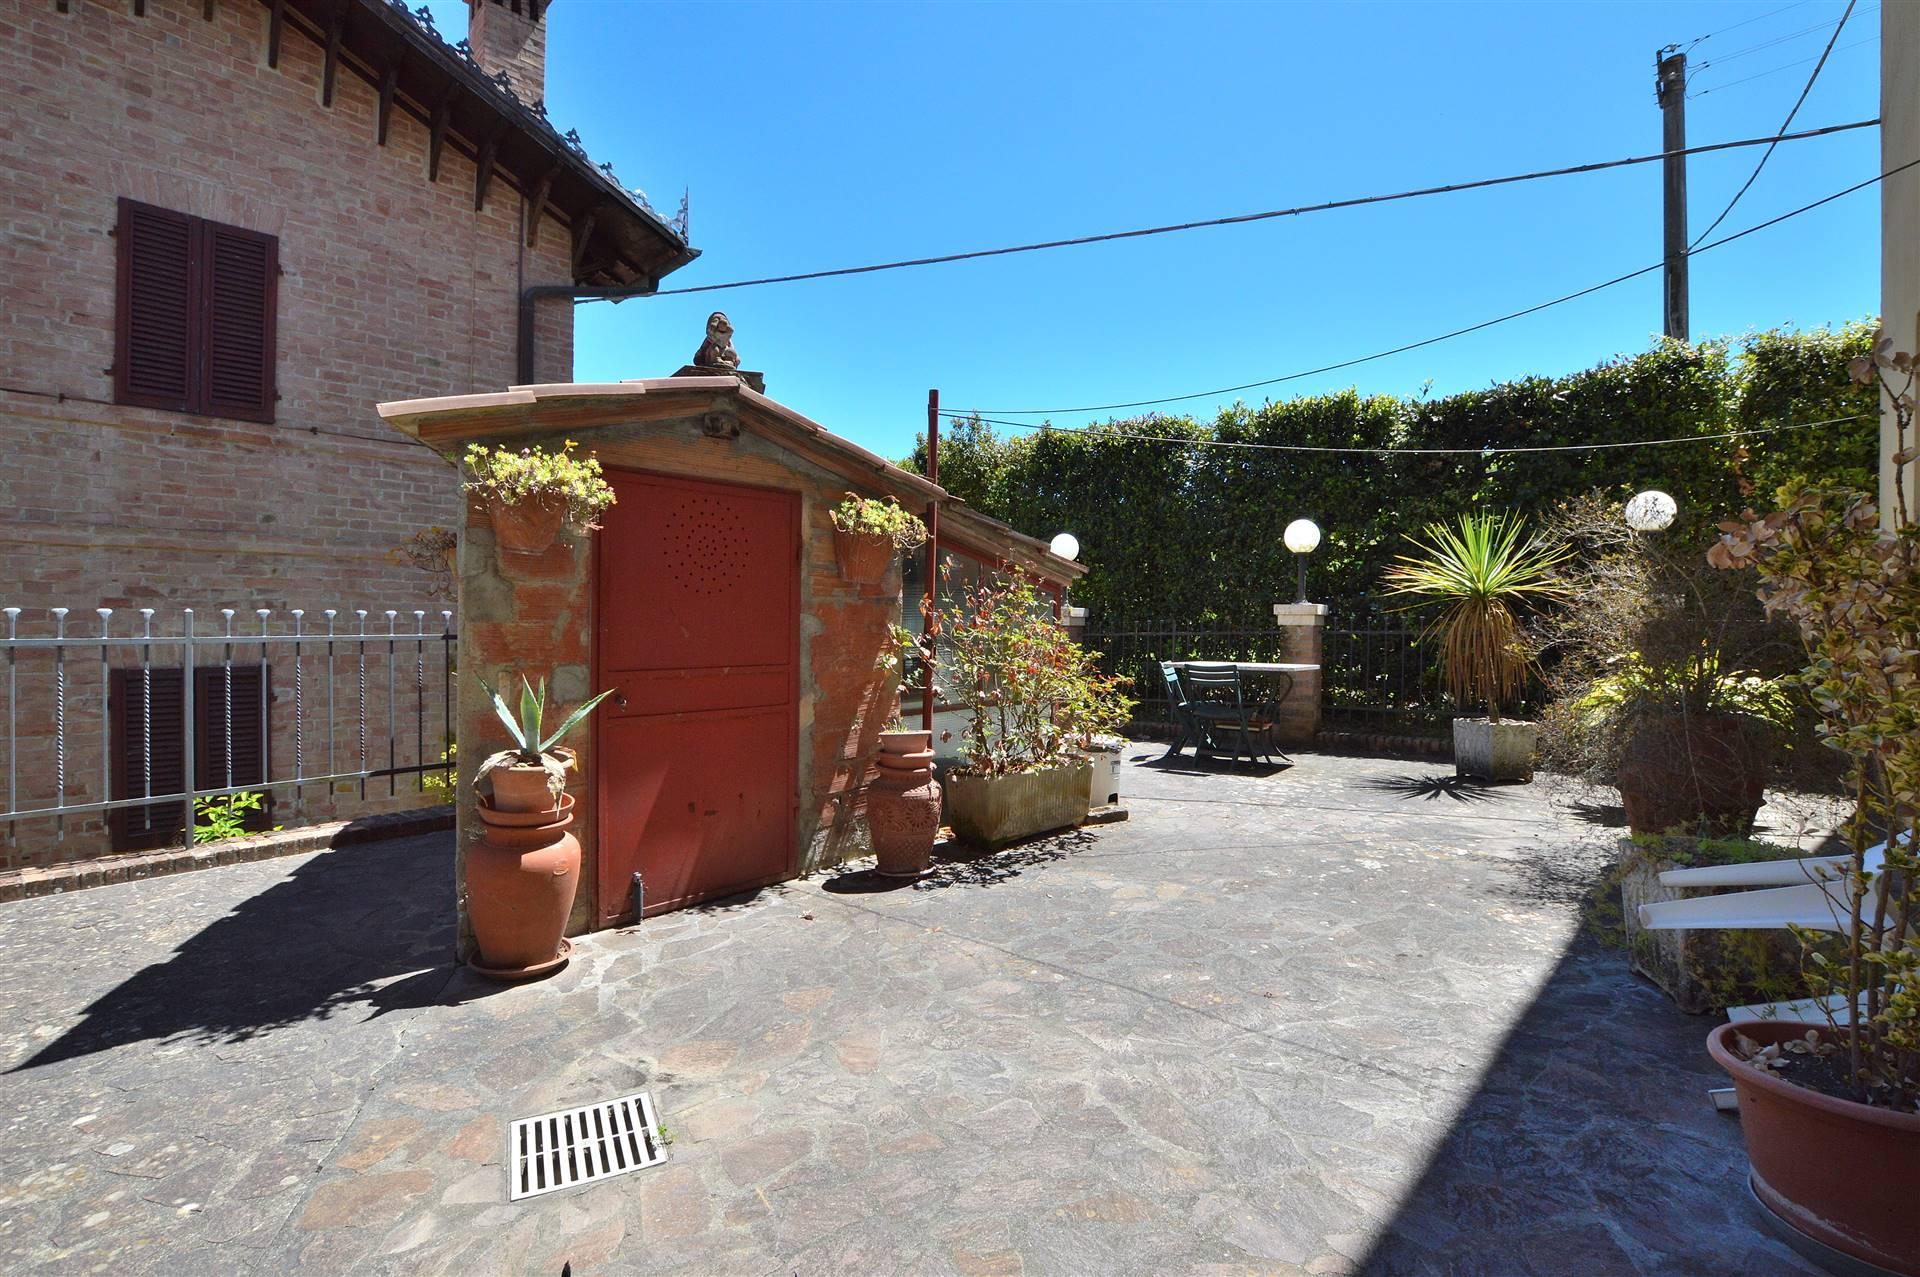 In località Monastero, in piacevole contesto residenziale, proponiamo grande appartamento con resede esclusivo posto al piano terra di una piccola